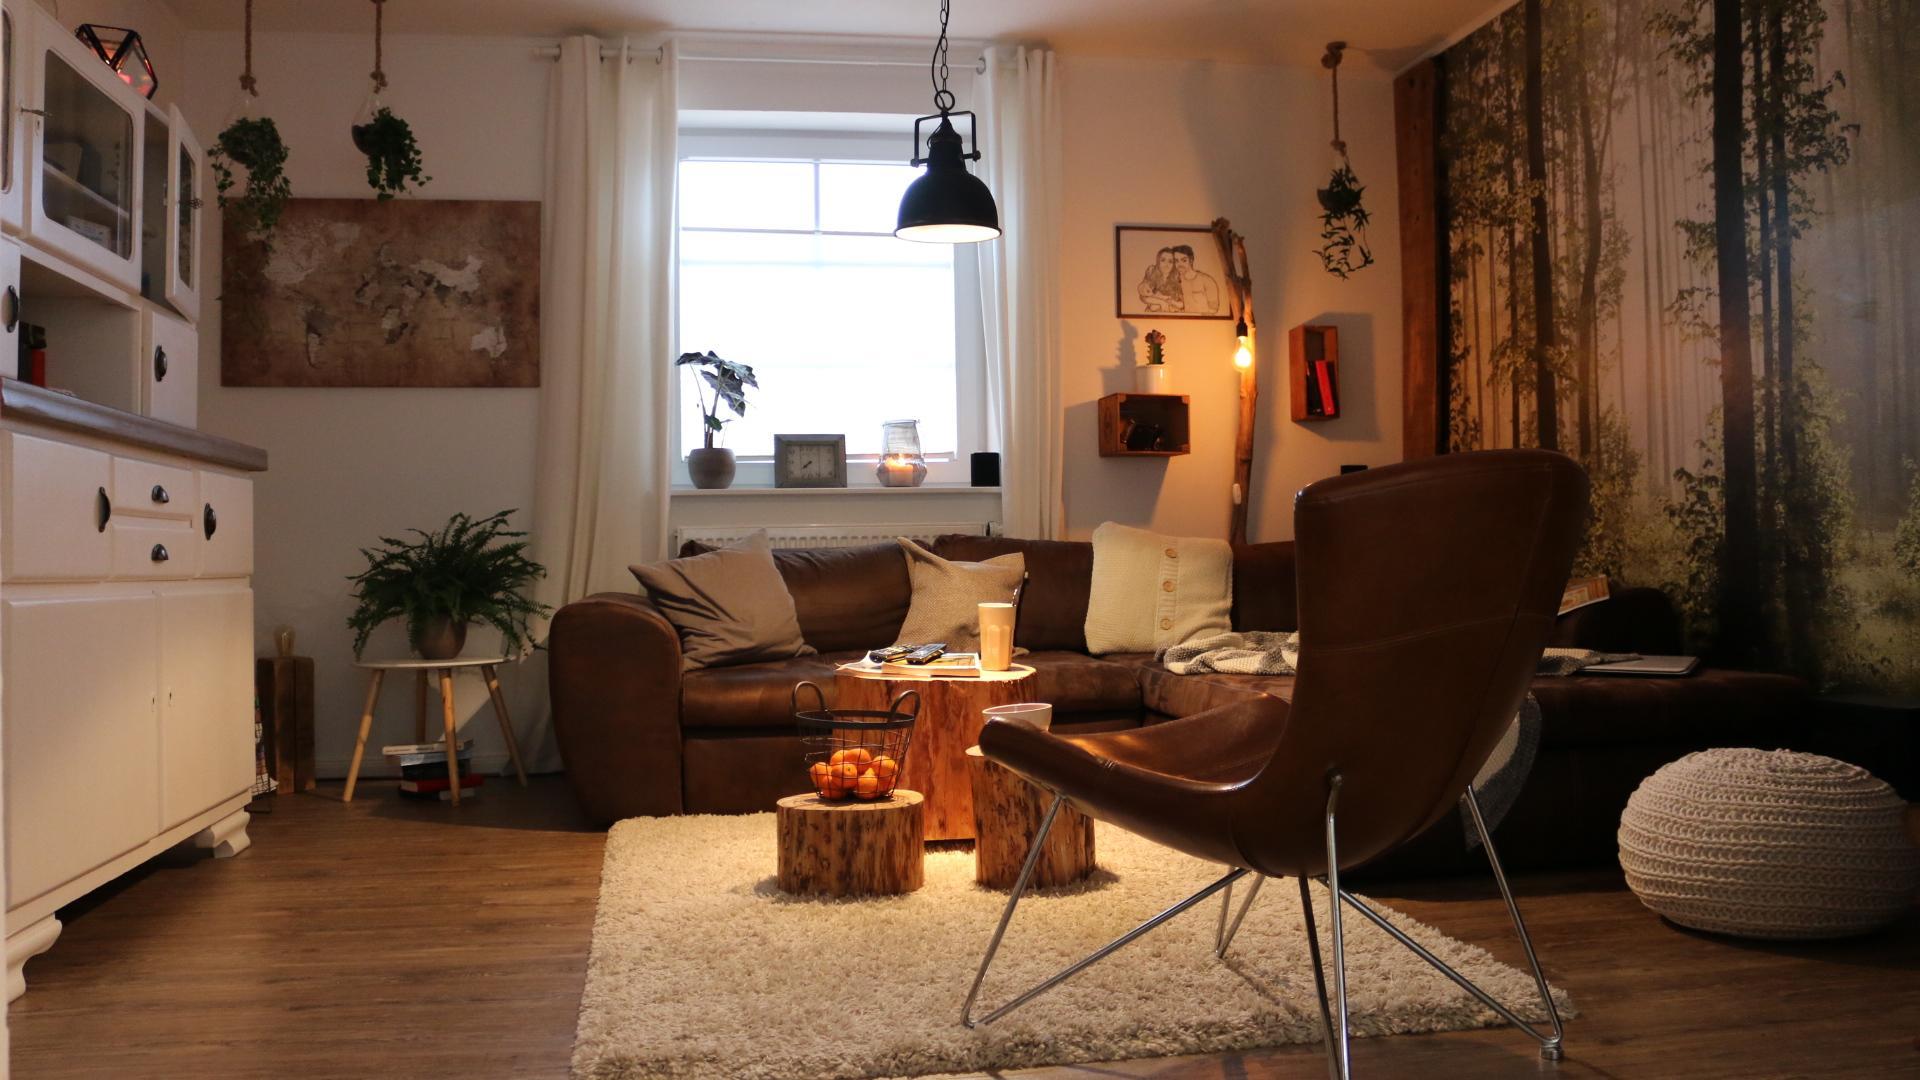 Wohnzimmer Einrichten Interessant On Innerhalb 20 Bilder Annsbabygifts Com 2